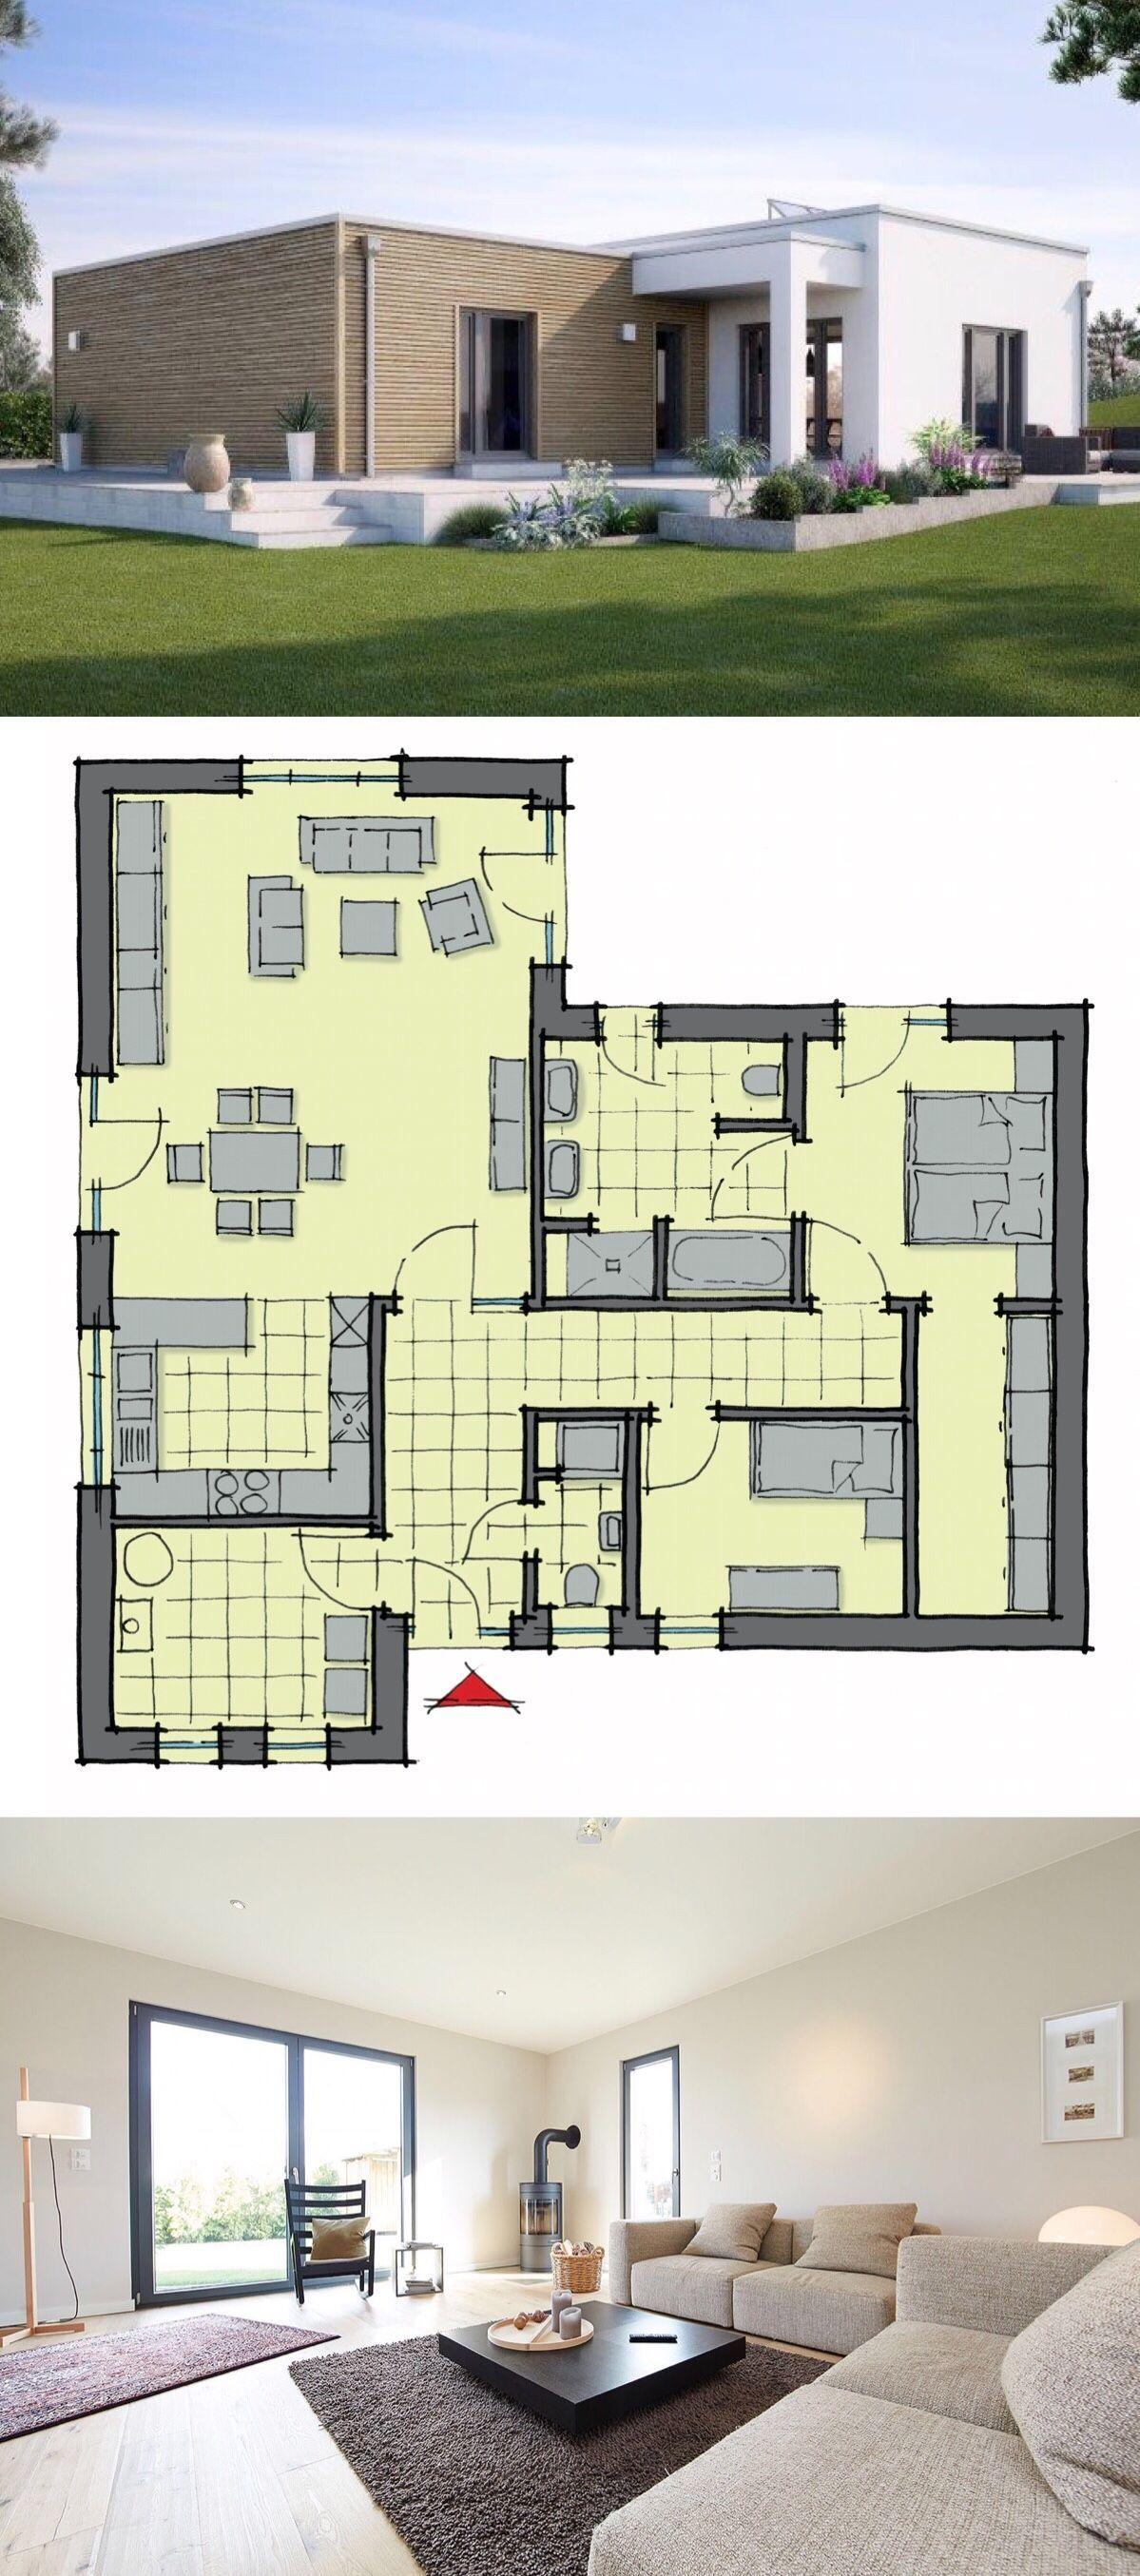 bungalow haus mit flachdach architektur im bauhausstil holz putz fassade 3 zimmer grundriss